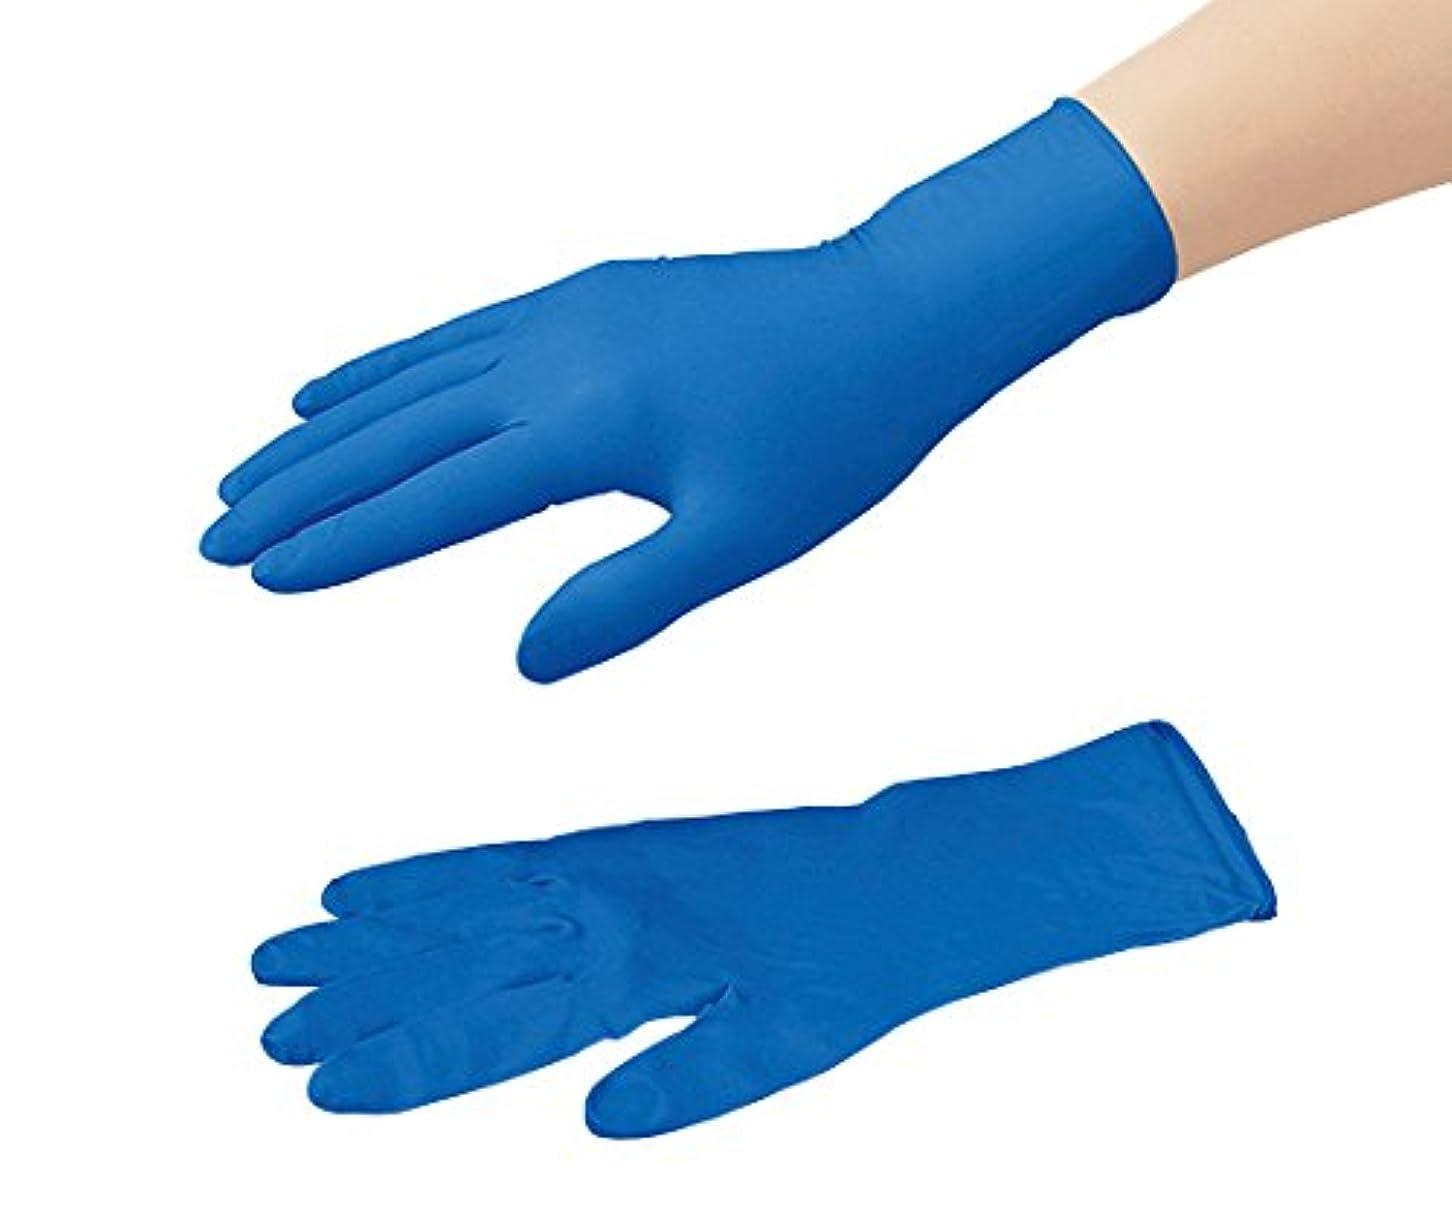 機動実現可能性サミットアズワン2-9878-01ニトリル手袋(HYDREX(R))XS50枚入